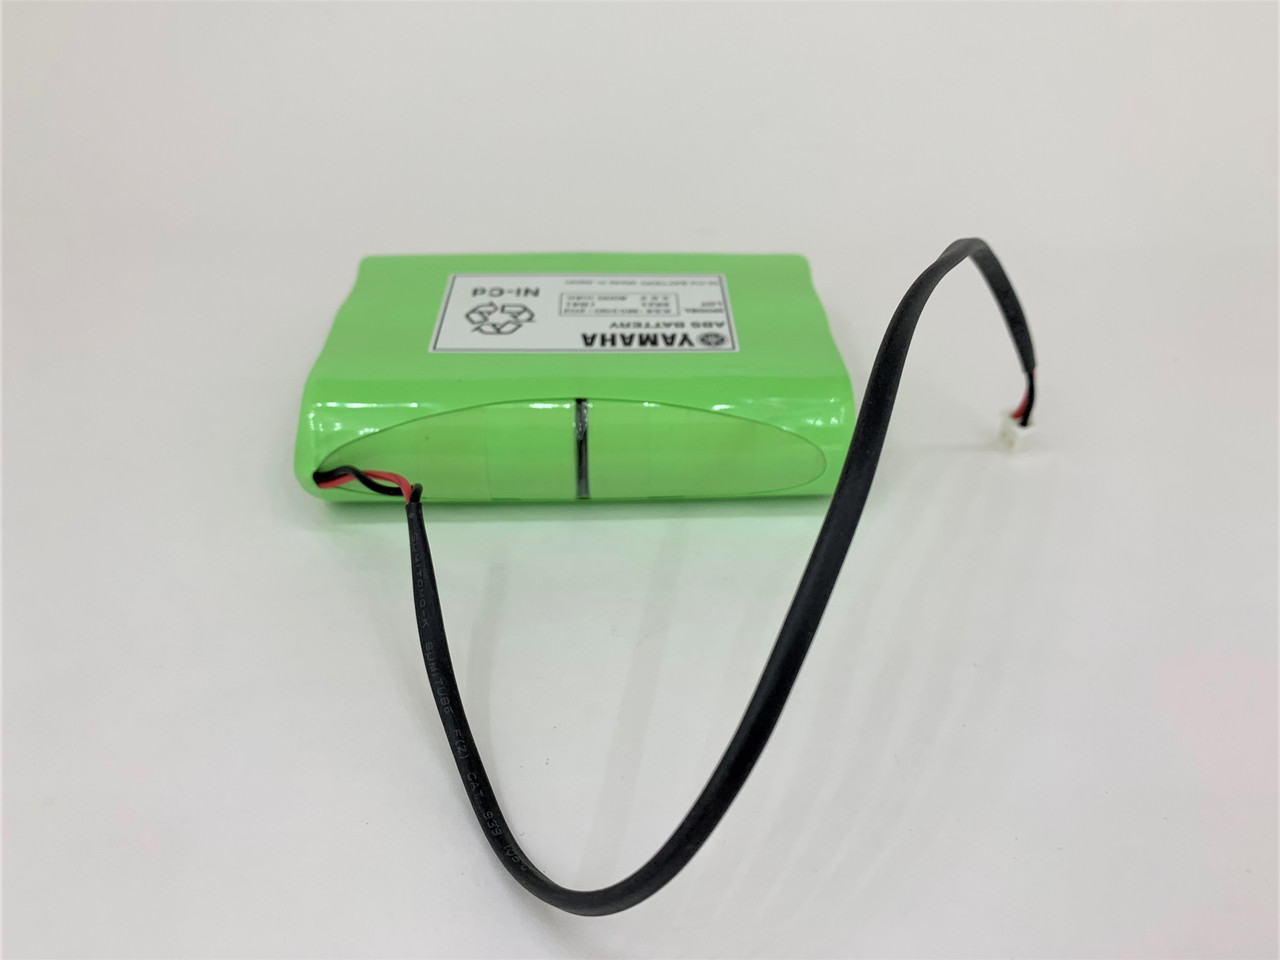 Backup Battery B4 ERCD ERCX RDX TRCX RCX143 RCX144 DBLB3